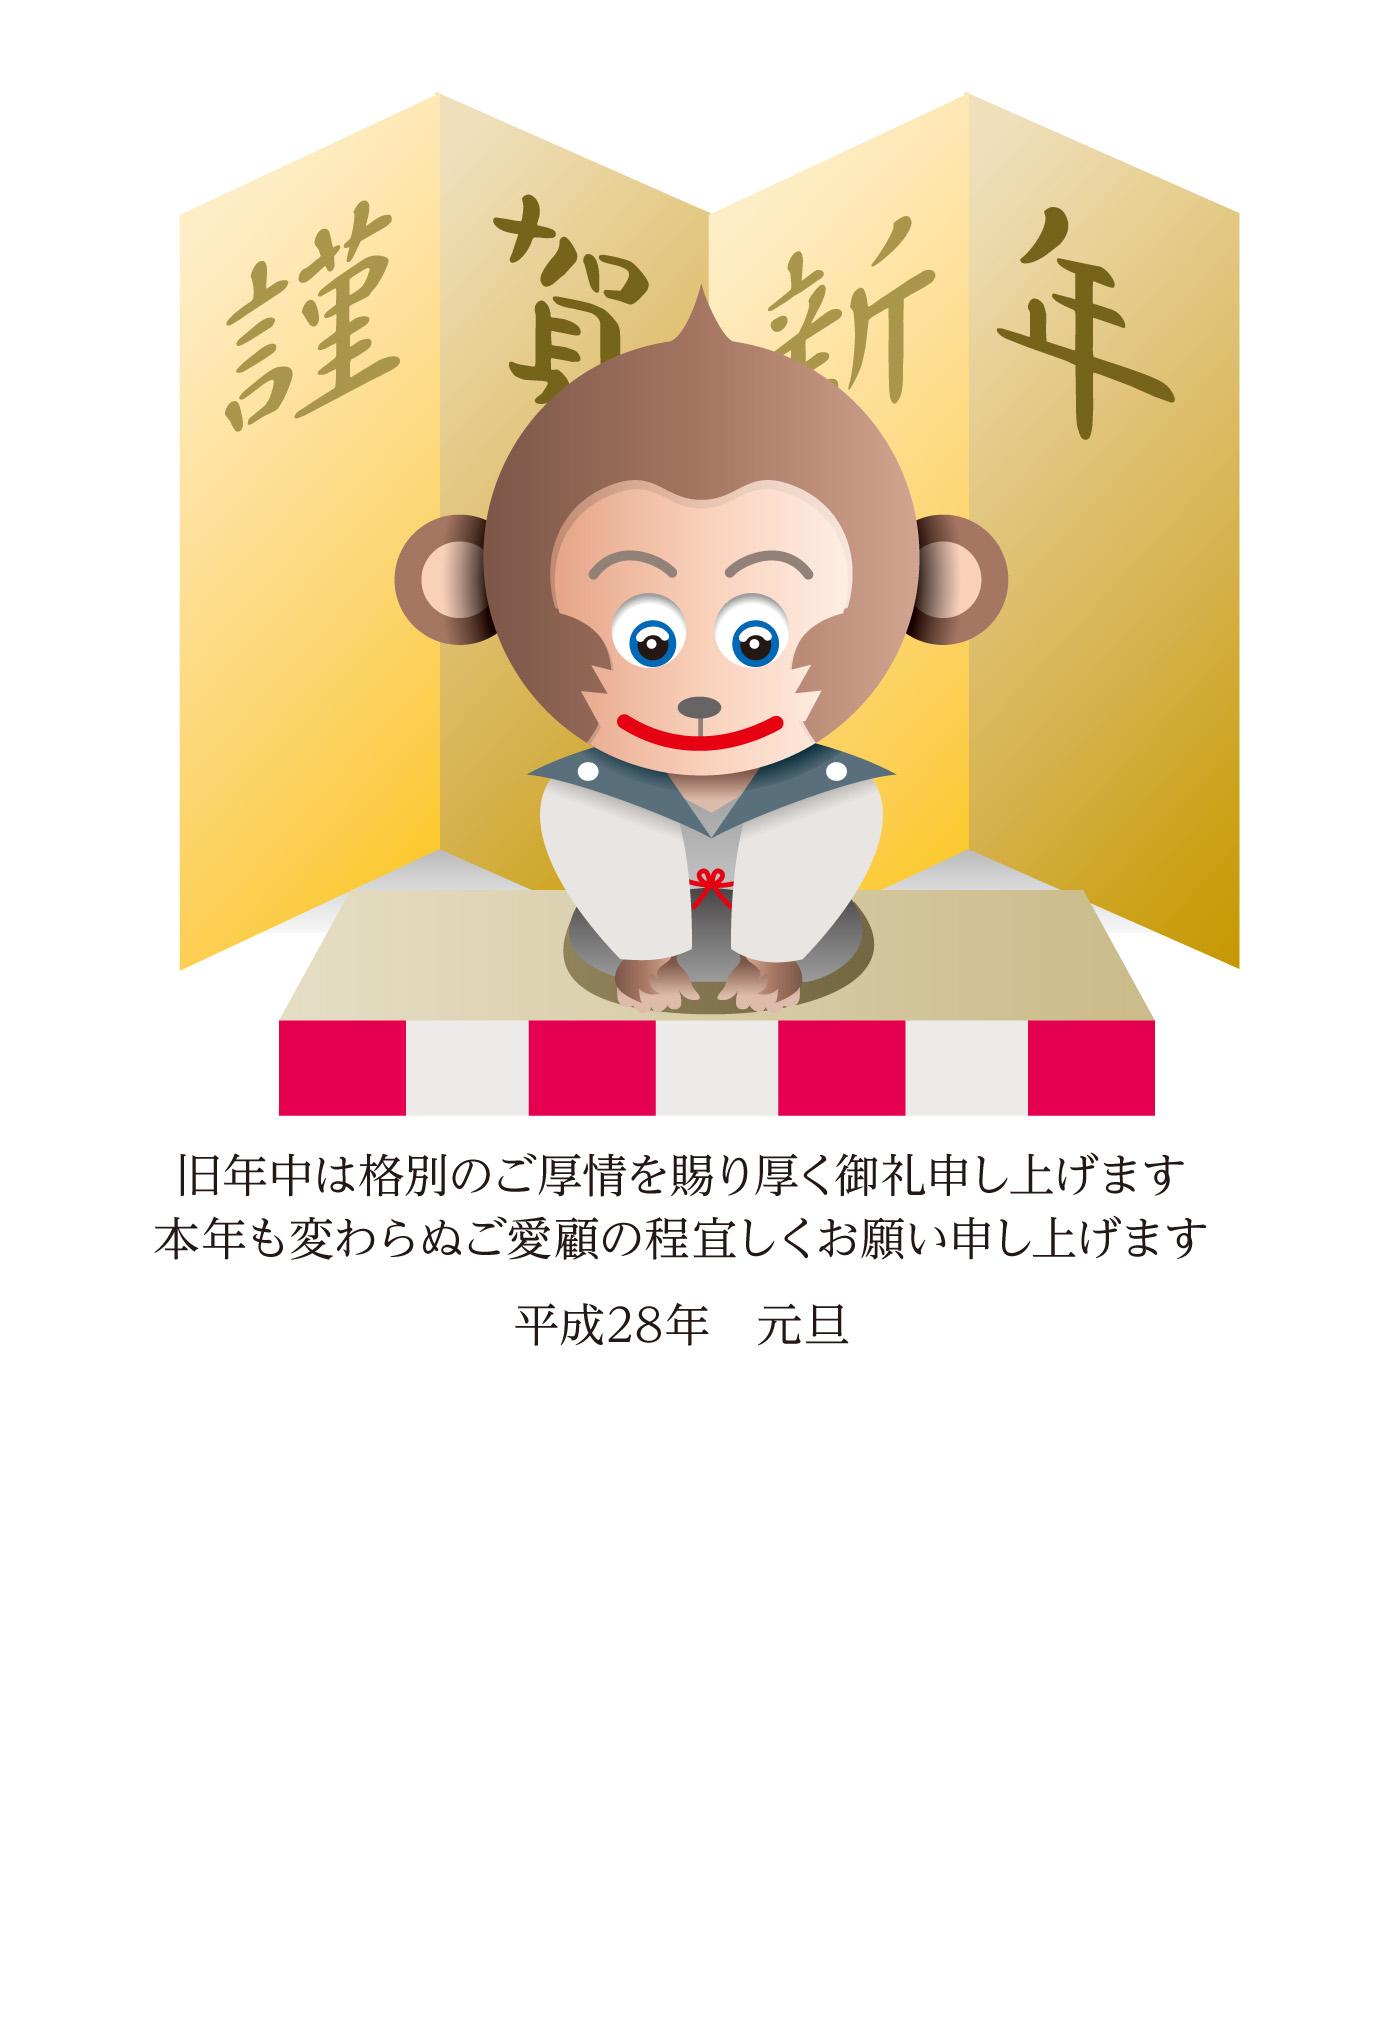 サルの新年のご挨拶|年賀状デザイン|2016年無料イラストa01